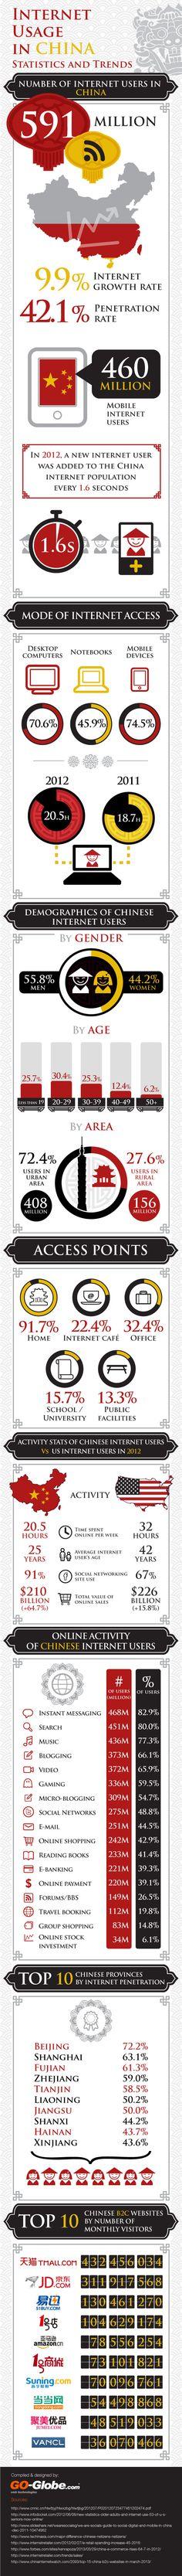 Internet Usage in Ch